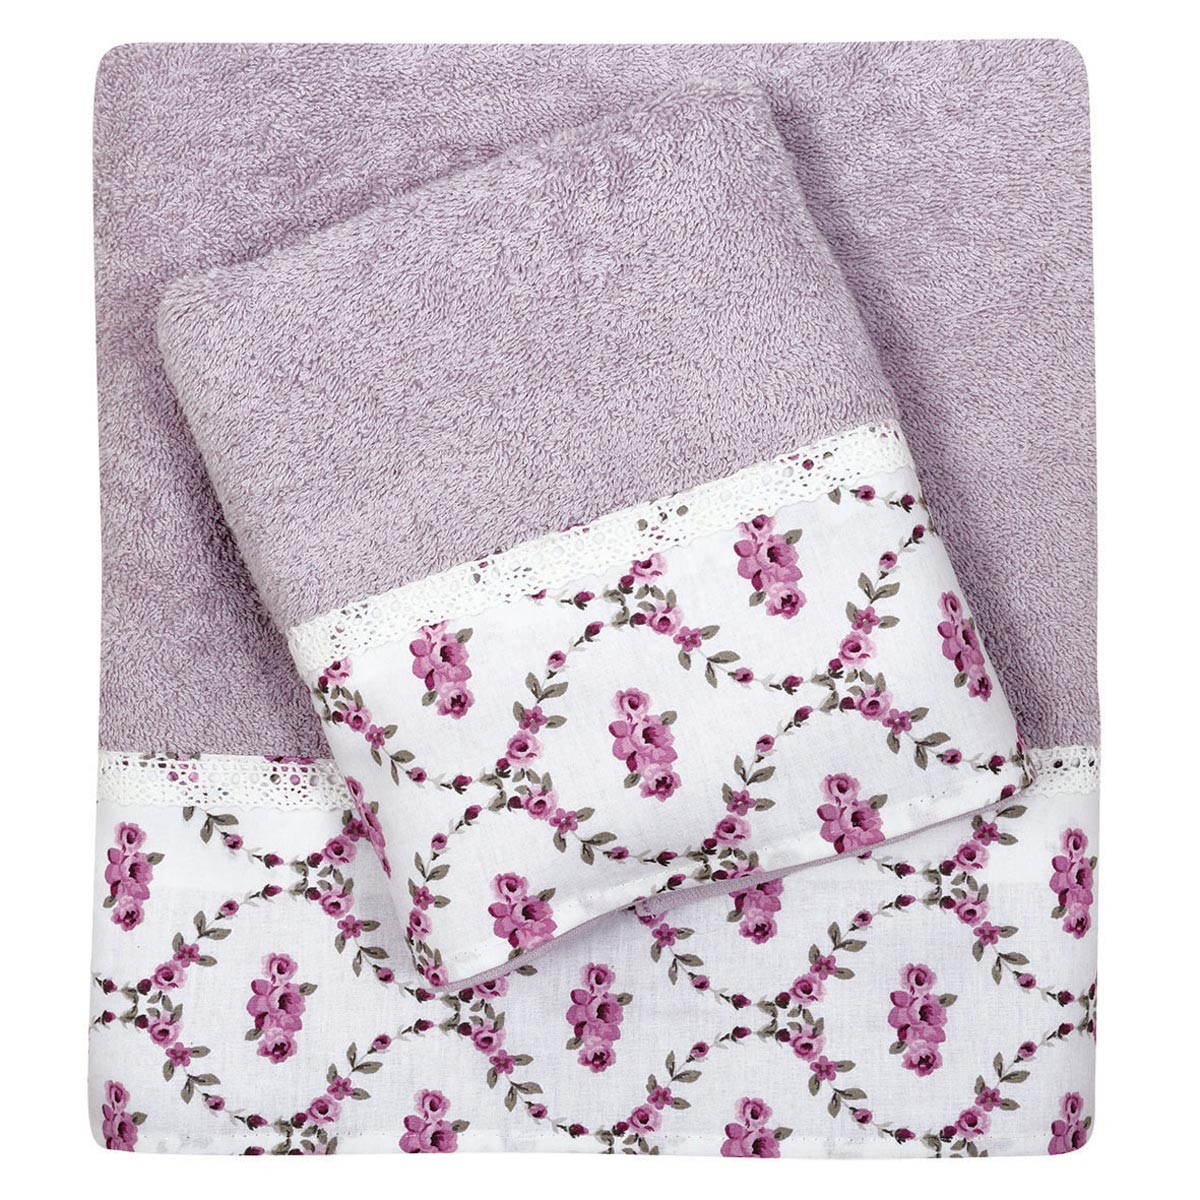 Πετσέτες Μπάνιου (Σετ 3τμχ) Das Home Daily Line 316 66973